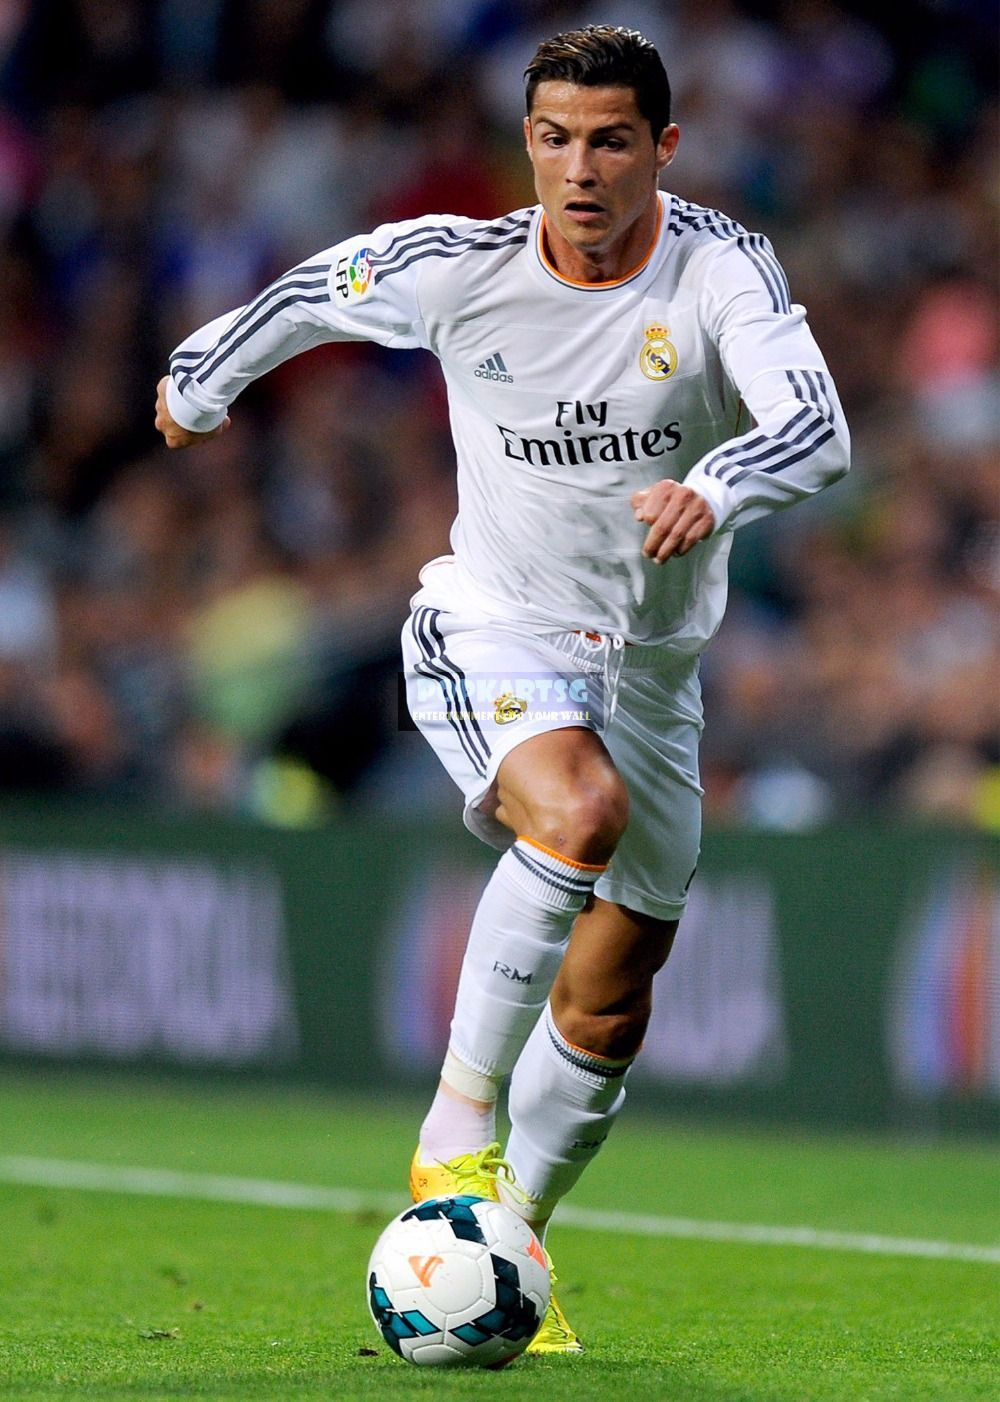 Wie wil nou niet zo sterk en goed worden als Cristiano ...